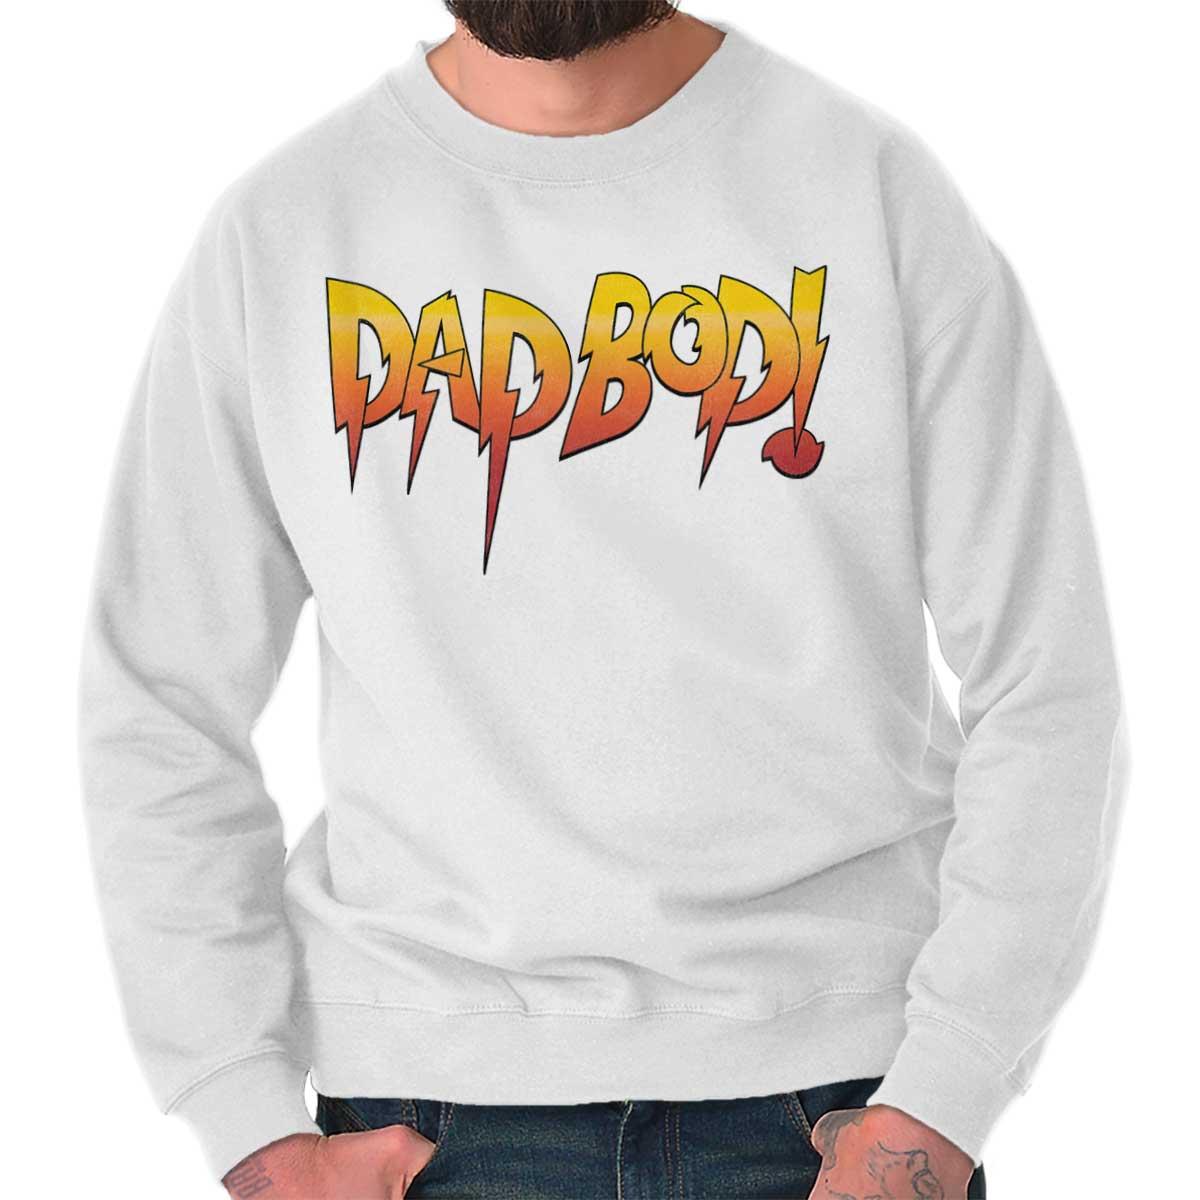 a5f0a037b Dad Bod Joke Rowdy Wrestling Fathers Day Gift Idea WWE Crewneck Sweatshirt